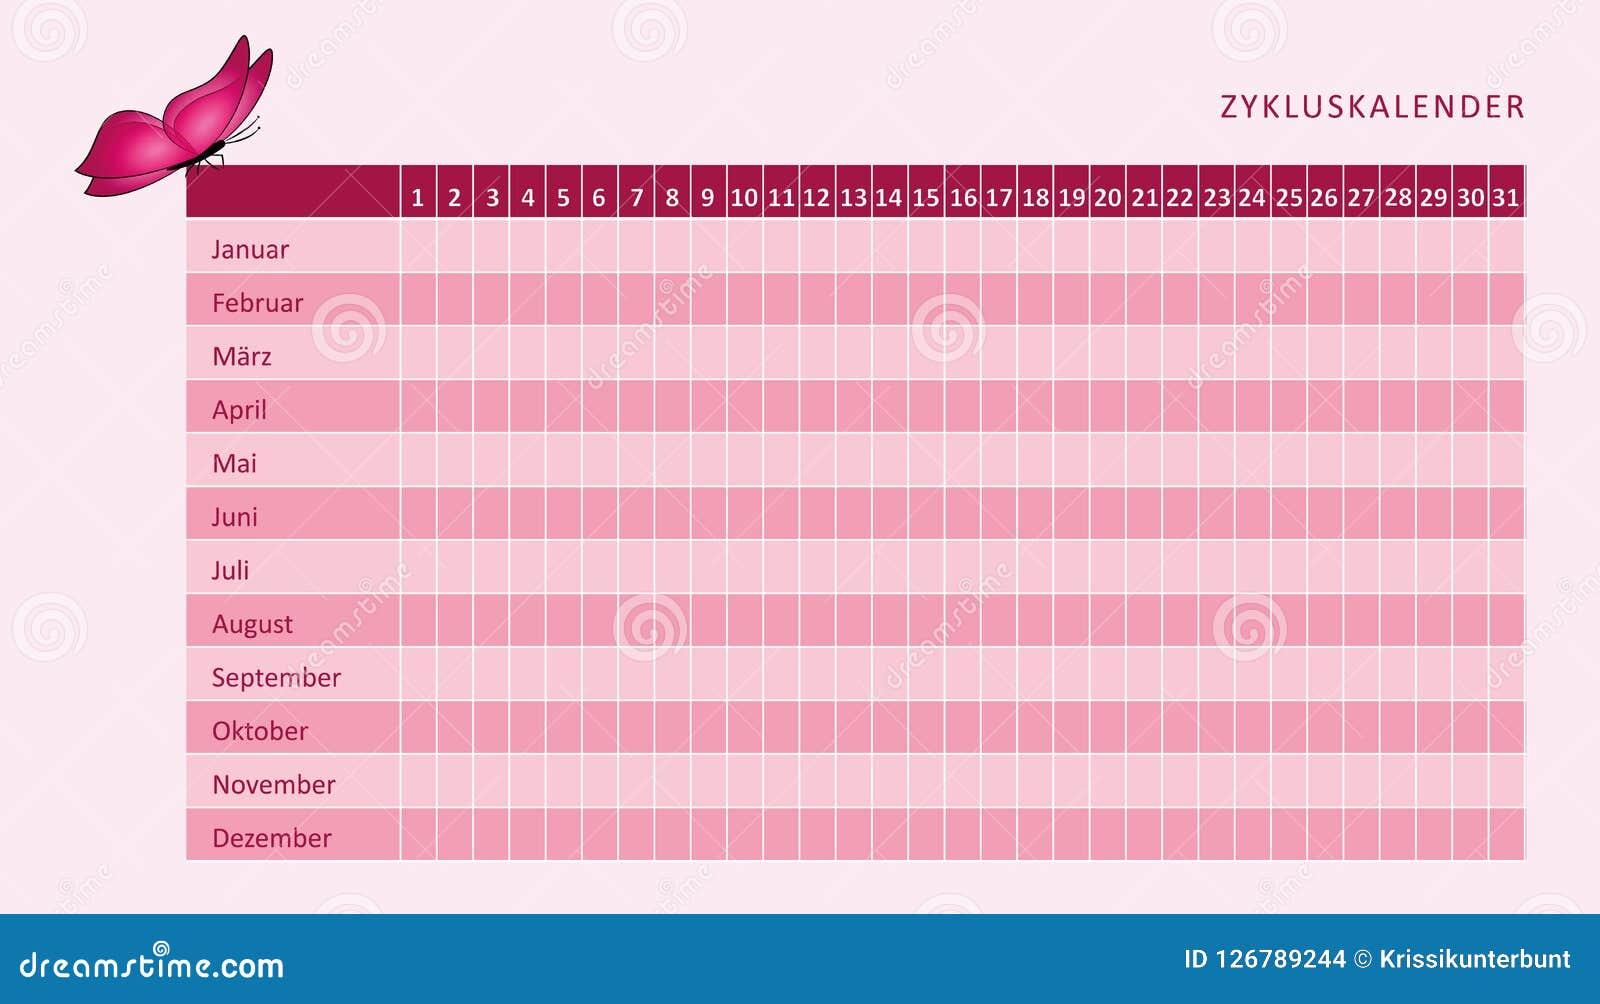 Calendario De Periodo Menstrual.Calendario Mensual De La Menstruacion Del Ciclo Menstrual